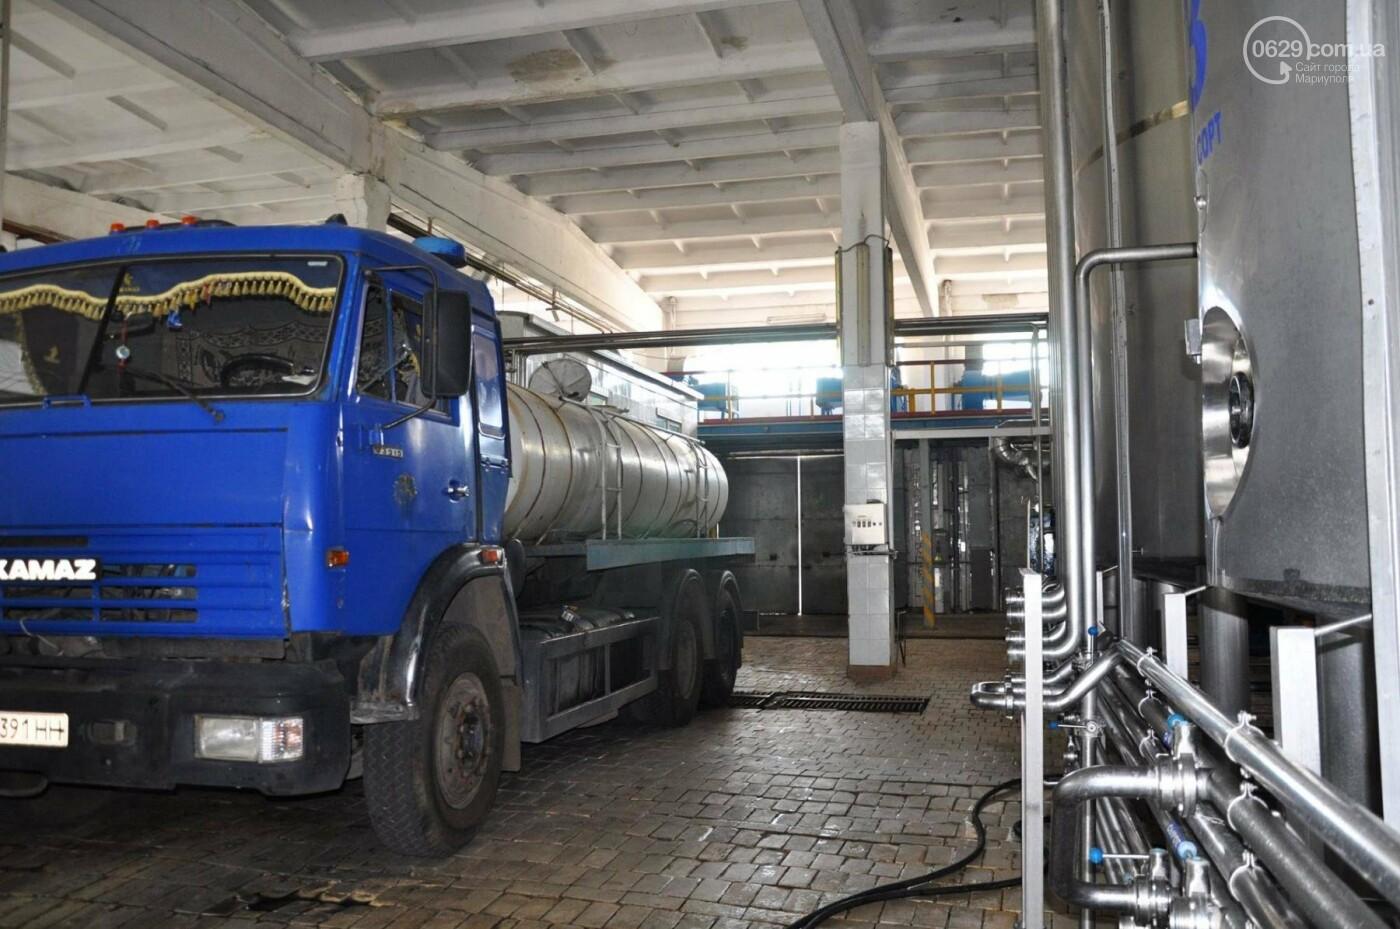 Откуда Мариупольский молокозавод получает натуральное молоко?, фото-17